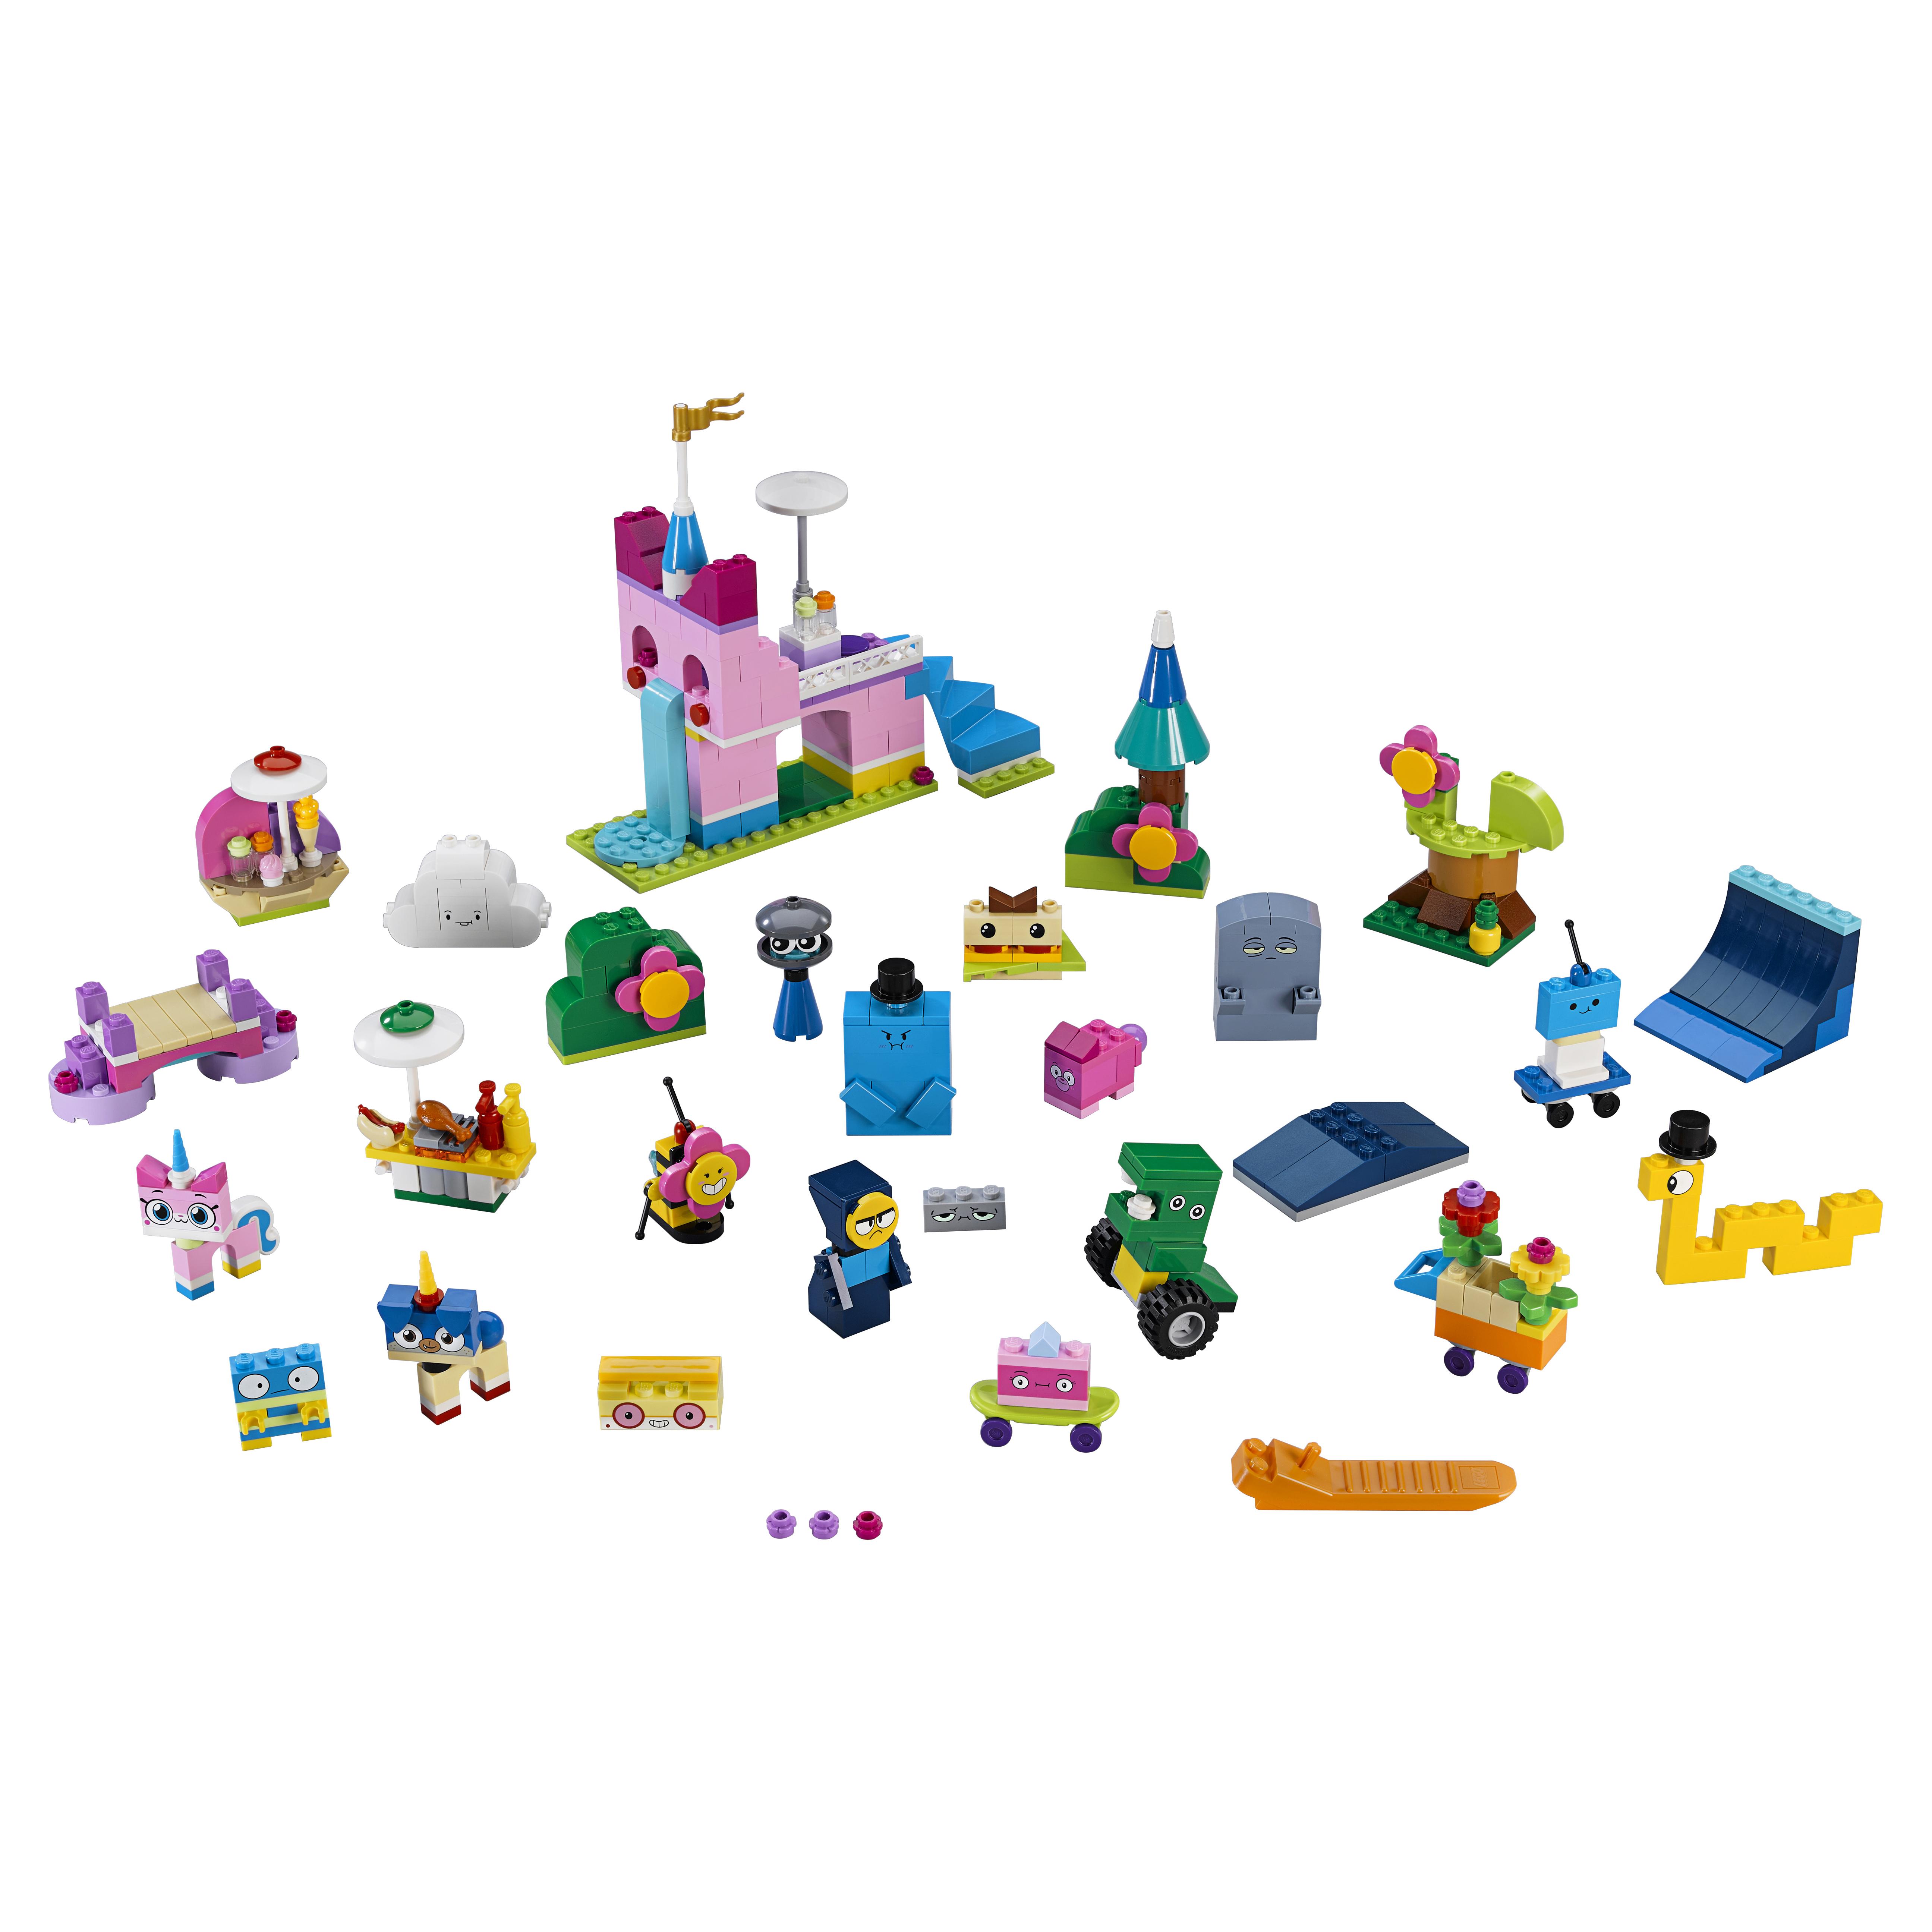 Конструктор LEGO Коробка кубиков для творческого конструирования Королевство 41455 фото